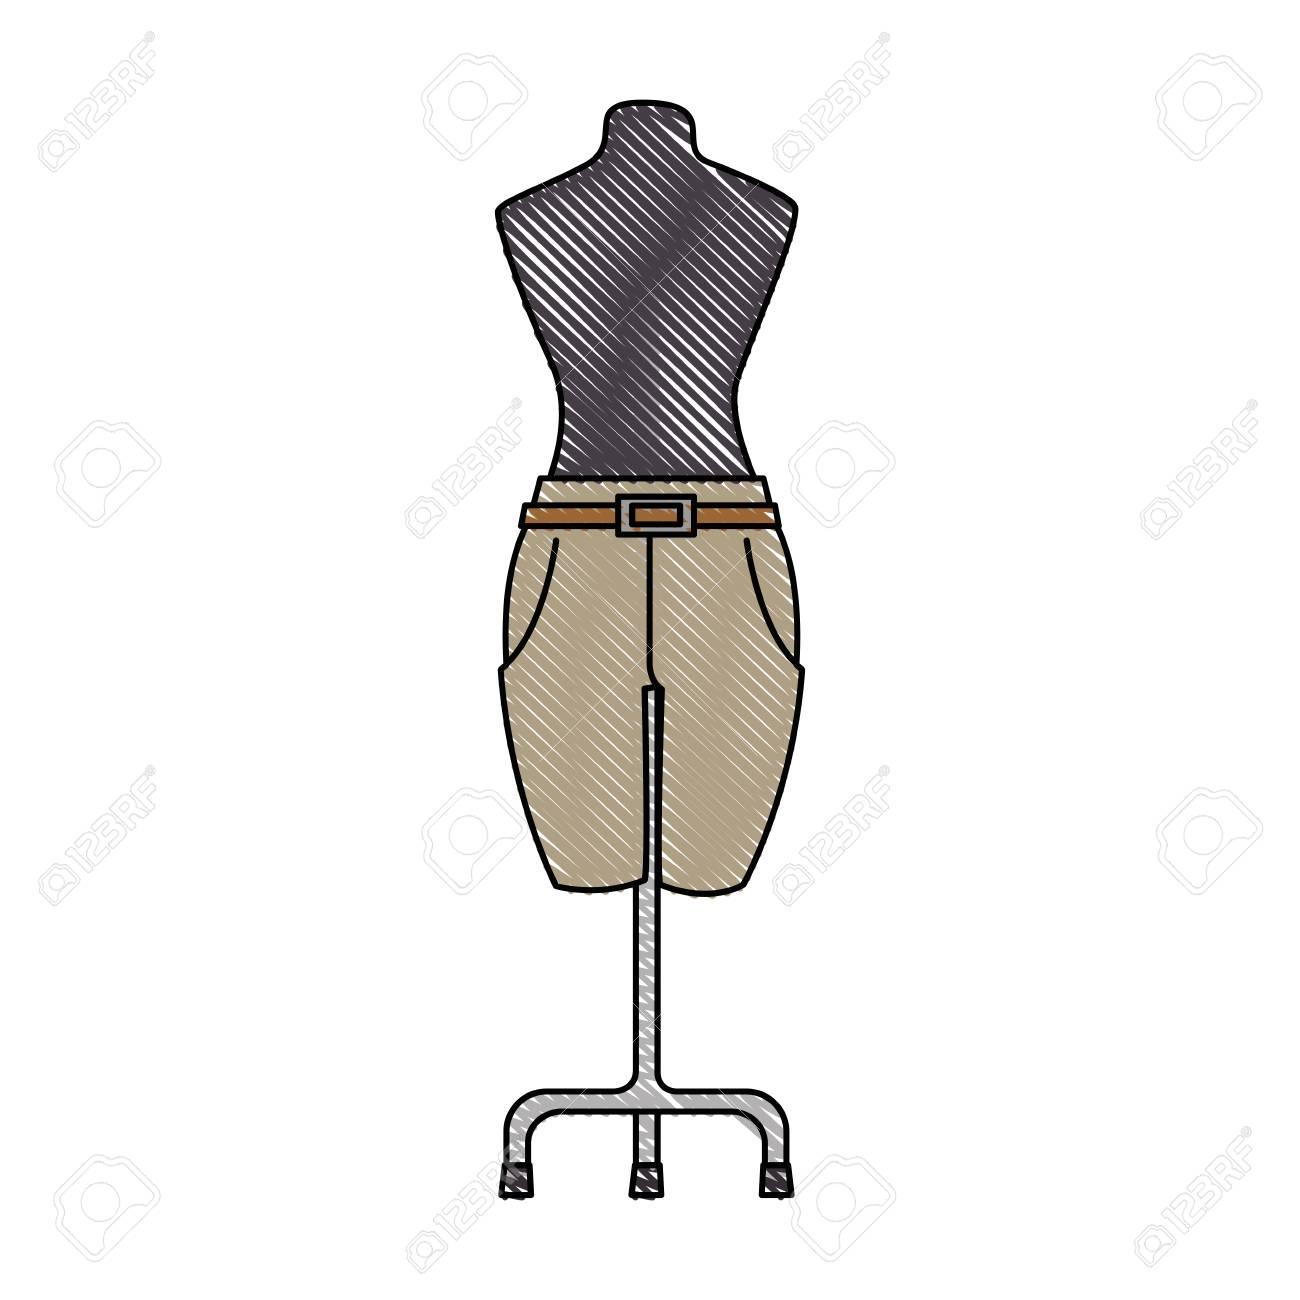 Pantalones Elegantes Para Mujeres En Diseno De Ilustracion De Vector De Maniqui Ilustraciones Vectoriales Clip Art Vectorizado Libre De Derechos Image 91237435